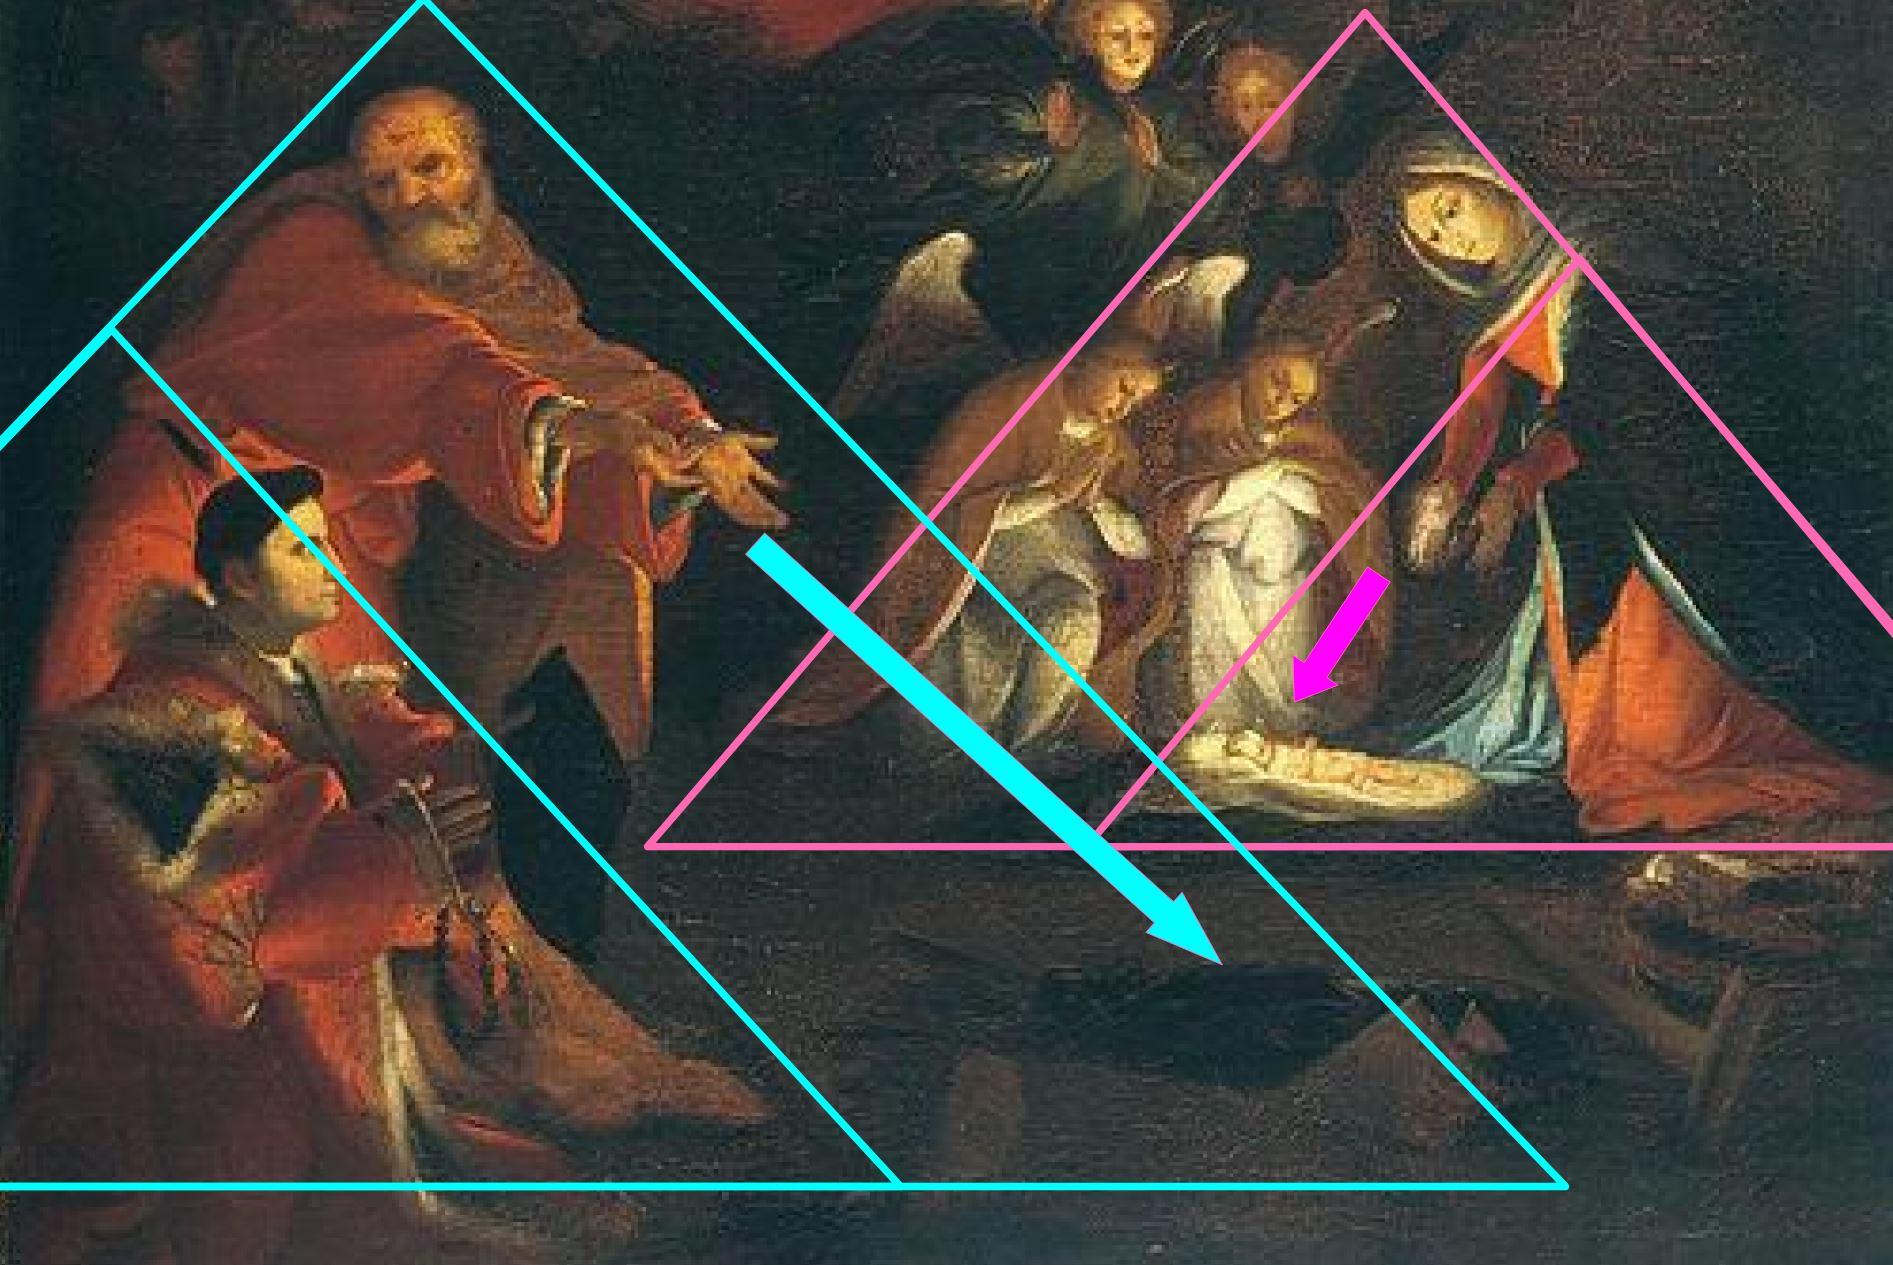 Lotto 1525-29, Nativite avec Domenico Tassi, (copie), Galerie de l'Academie, Venise (132 x 104) schema triangle